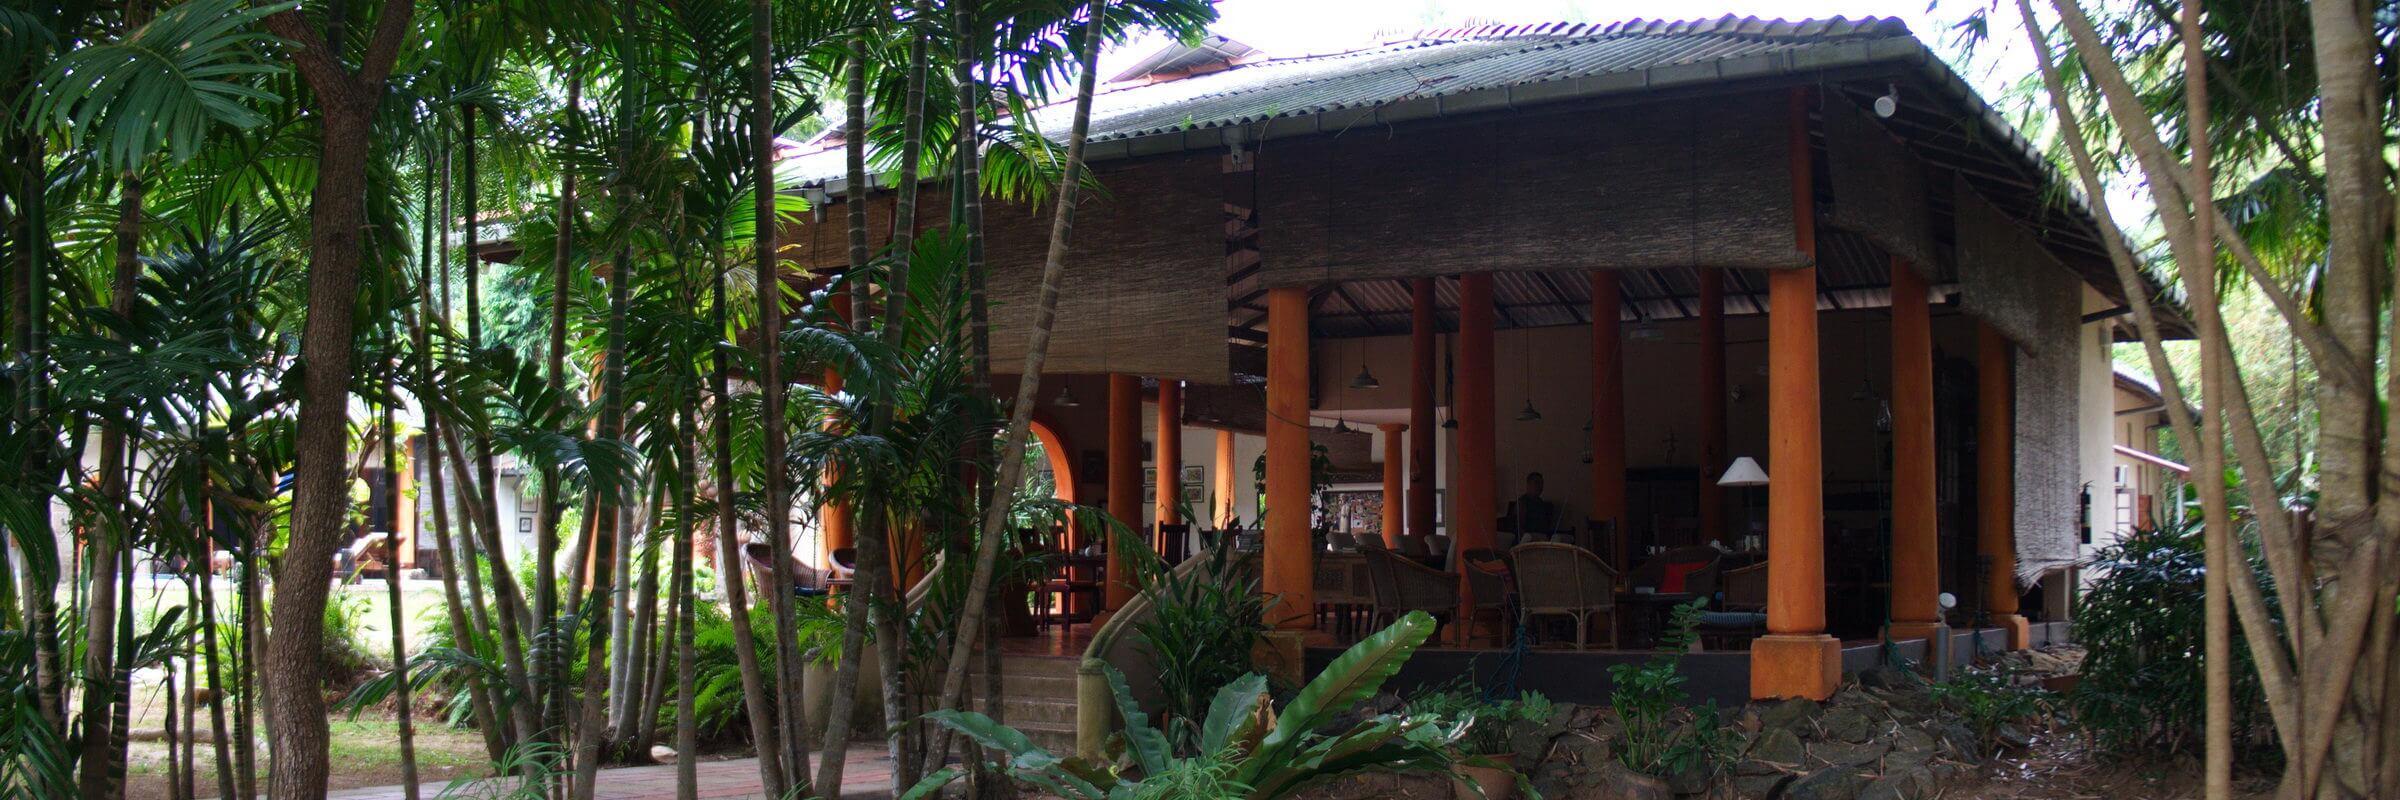 Im halboffenen Restaurant der Ging Oya Lodge kocht der Besitzer selbst und serviert seinen Gästen köstliche lokale und internationale Speisen.